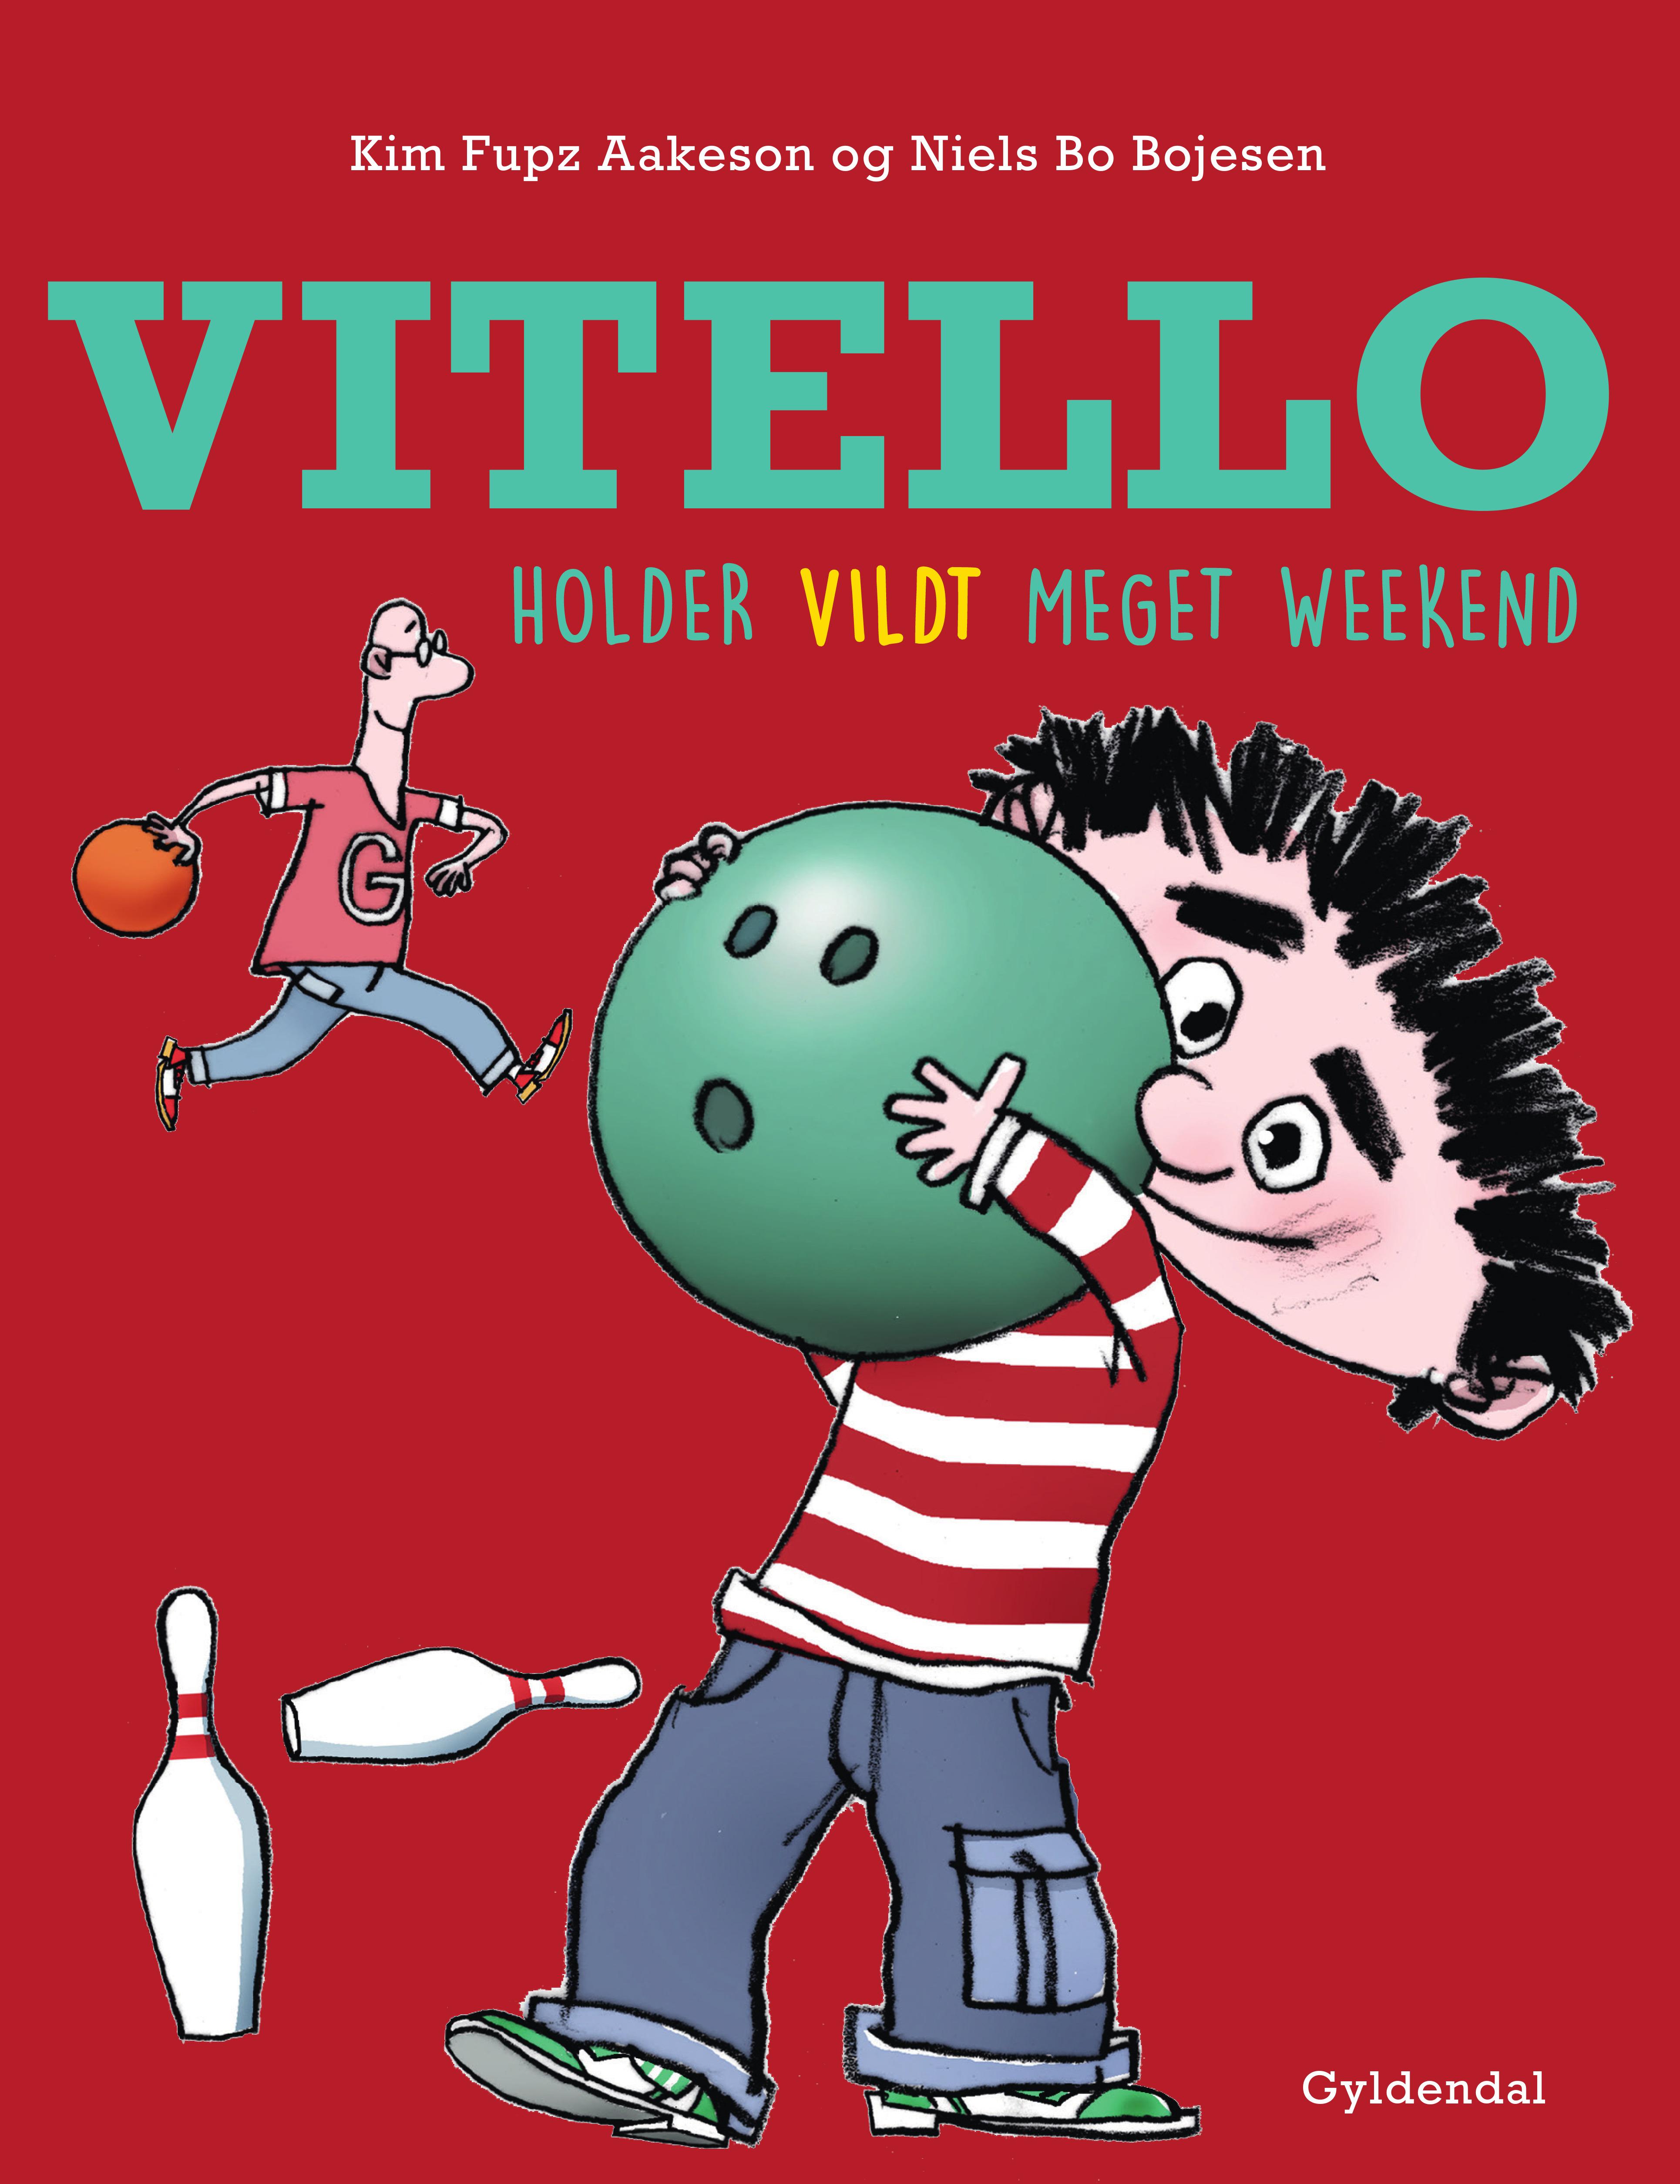 Vitello: Vitello holder vildt meget weekend - Kim Fupz Aakeson; Niels Bo Bojesen - Bøger - Gyldendal - 9788702317091 - June 14, 2021